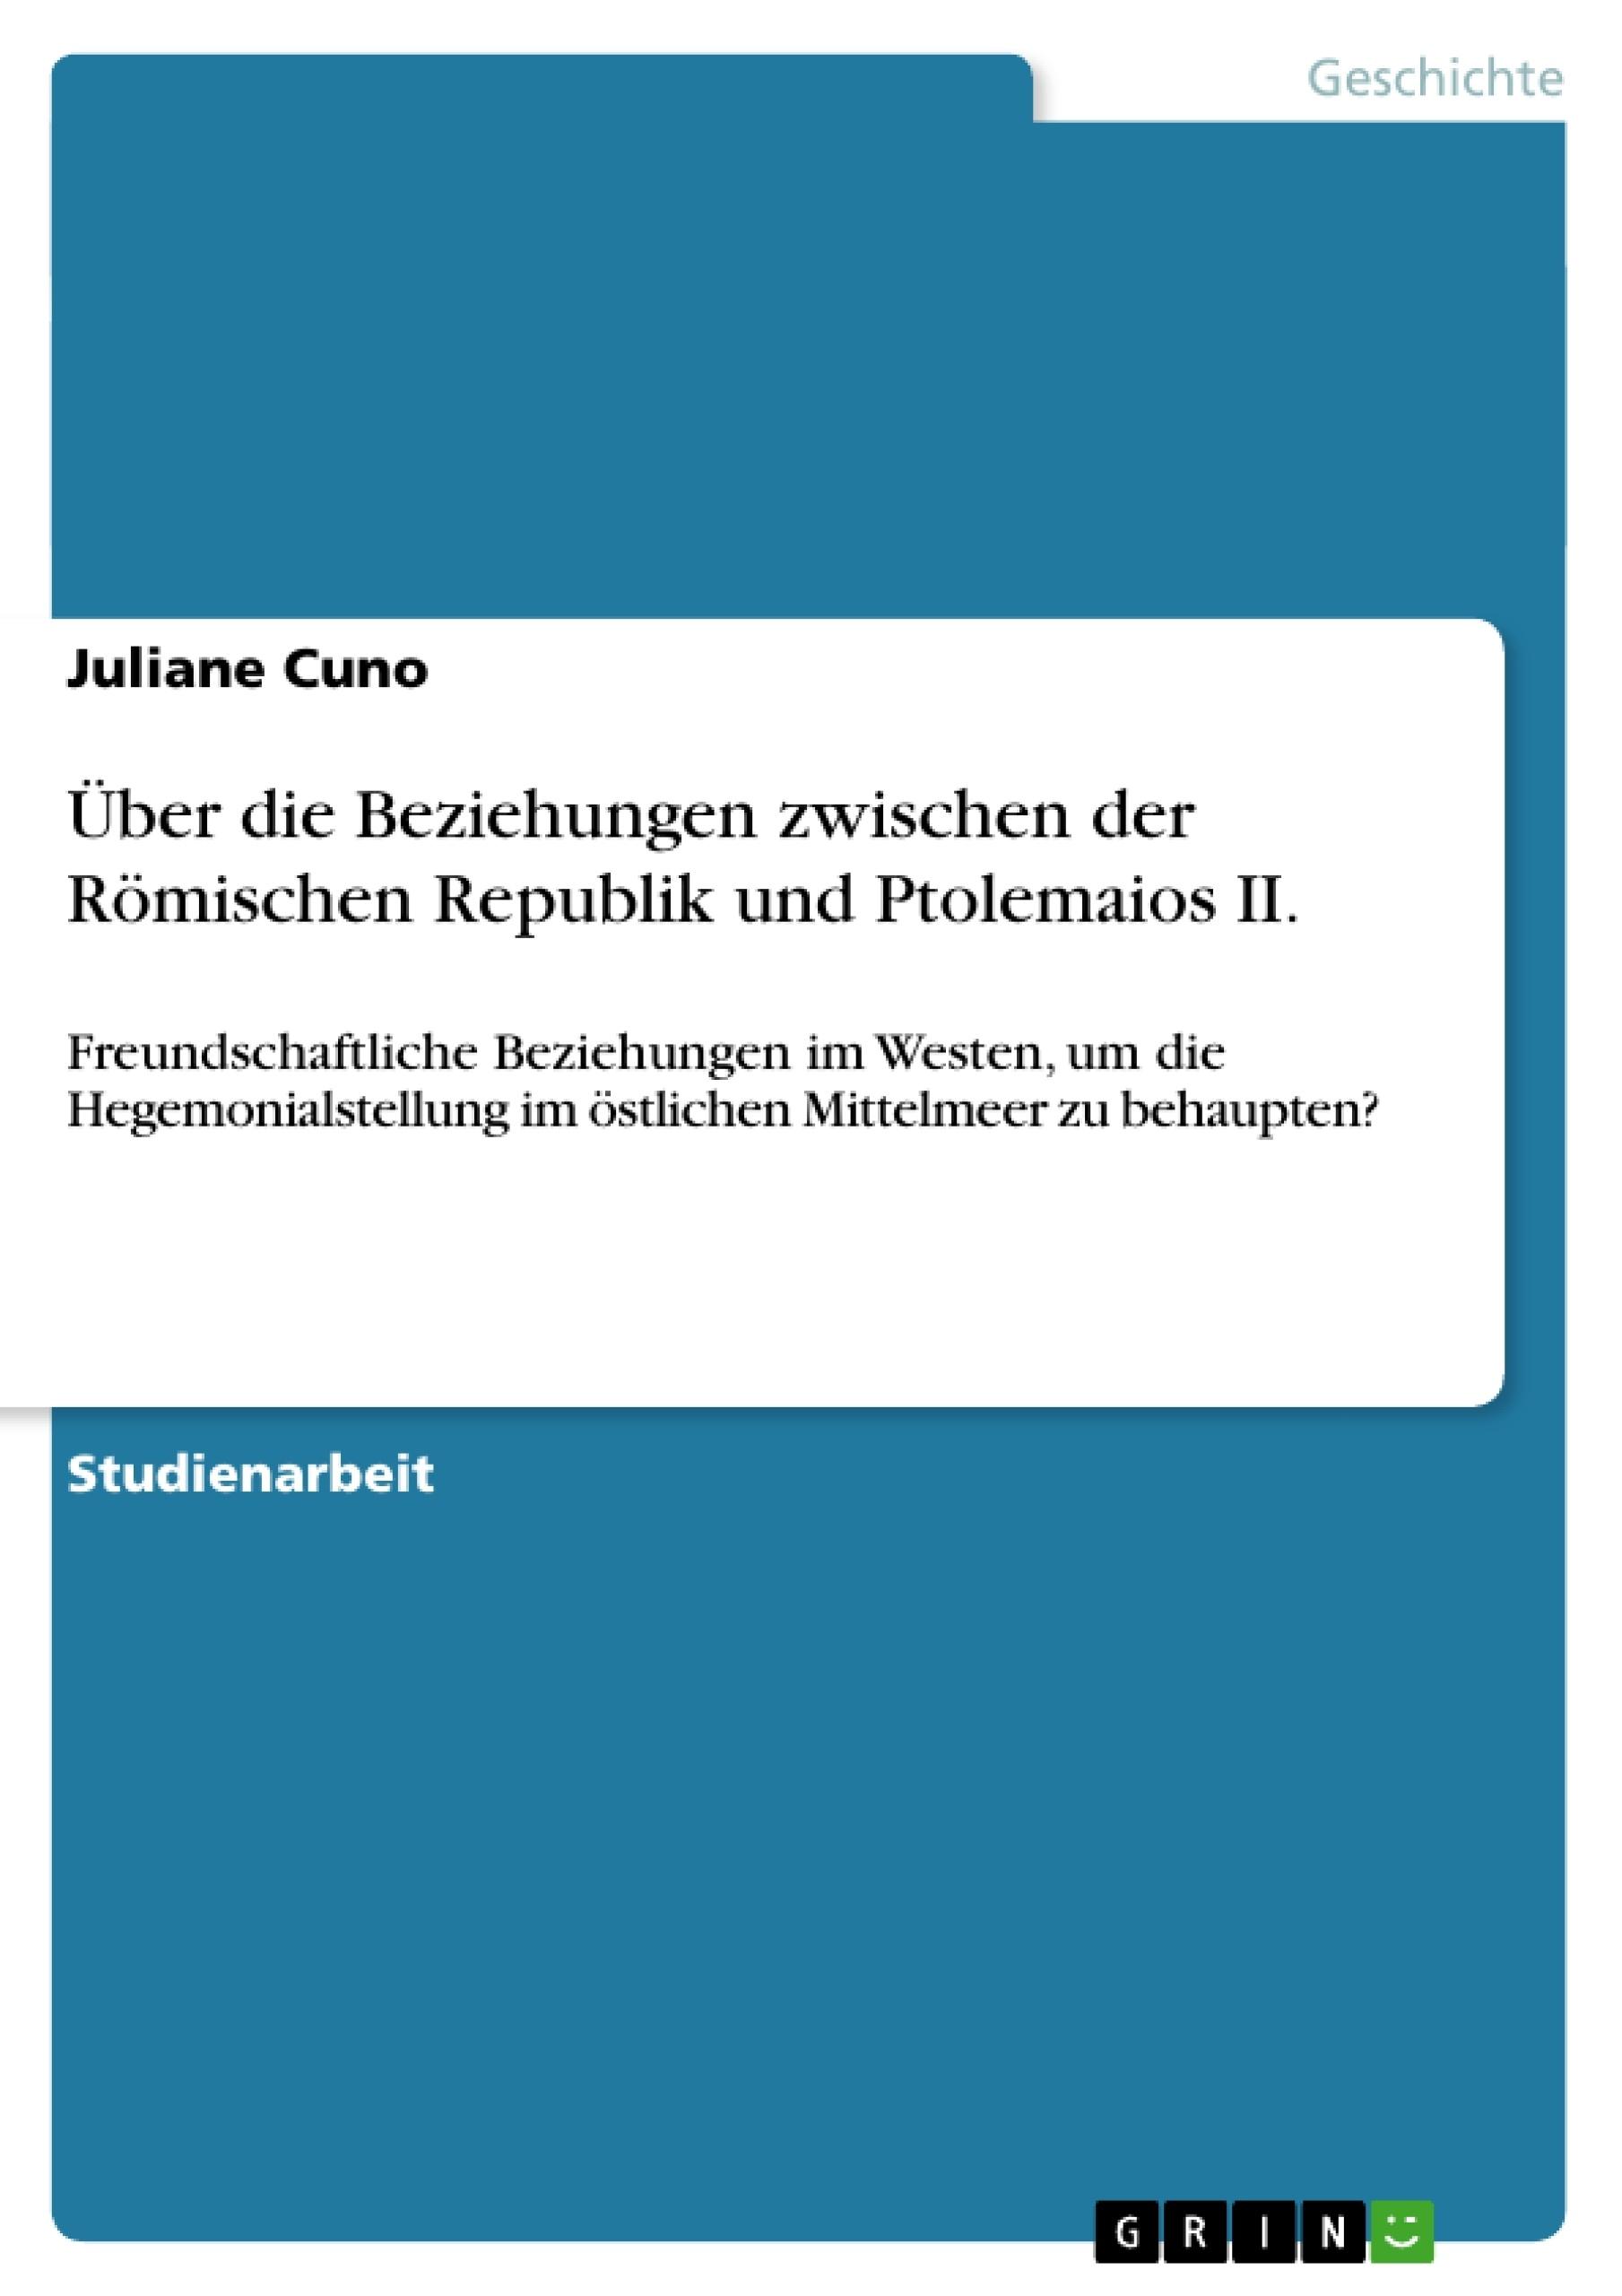 Titel: Über die Beziehungen zwischen der Römischen Republik und Ptolemaios II.